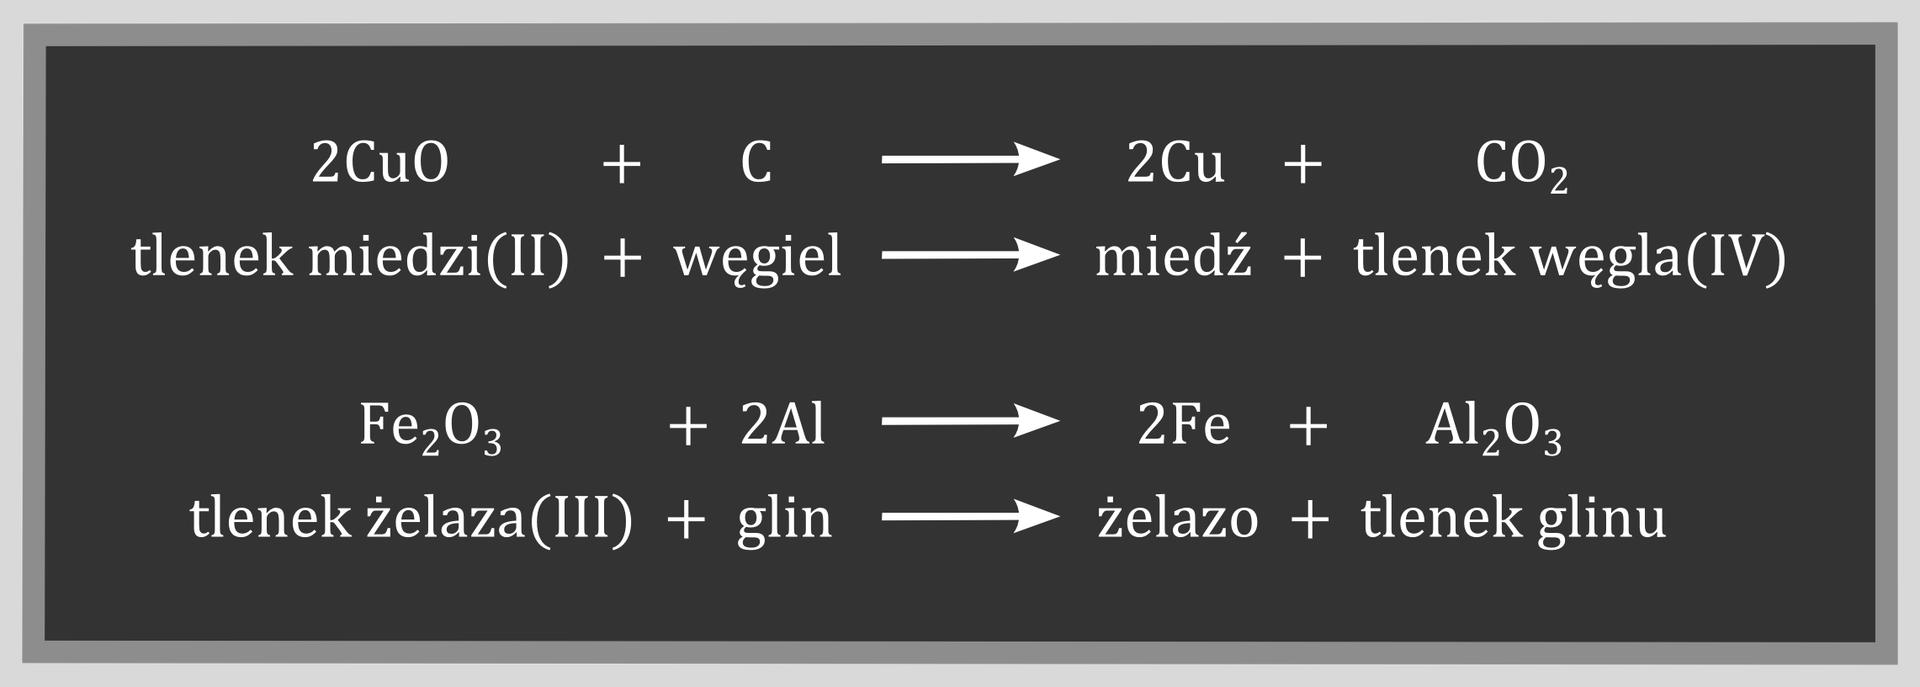 Ilustracja przedstawia czarną tablicę. Na niej białą czcionką zapisane są dwa równania reakcji chemicznych, każde wpostaci symboli, atakże słownie. Pierwsza reakcja to tlenek miedzi dwa plus węgiel daje miedź plus tlenek węgla cztery. Druga reakcja to tlenek żelaza trzy plus glin daje żelazo plus tlenek glinu.